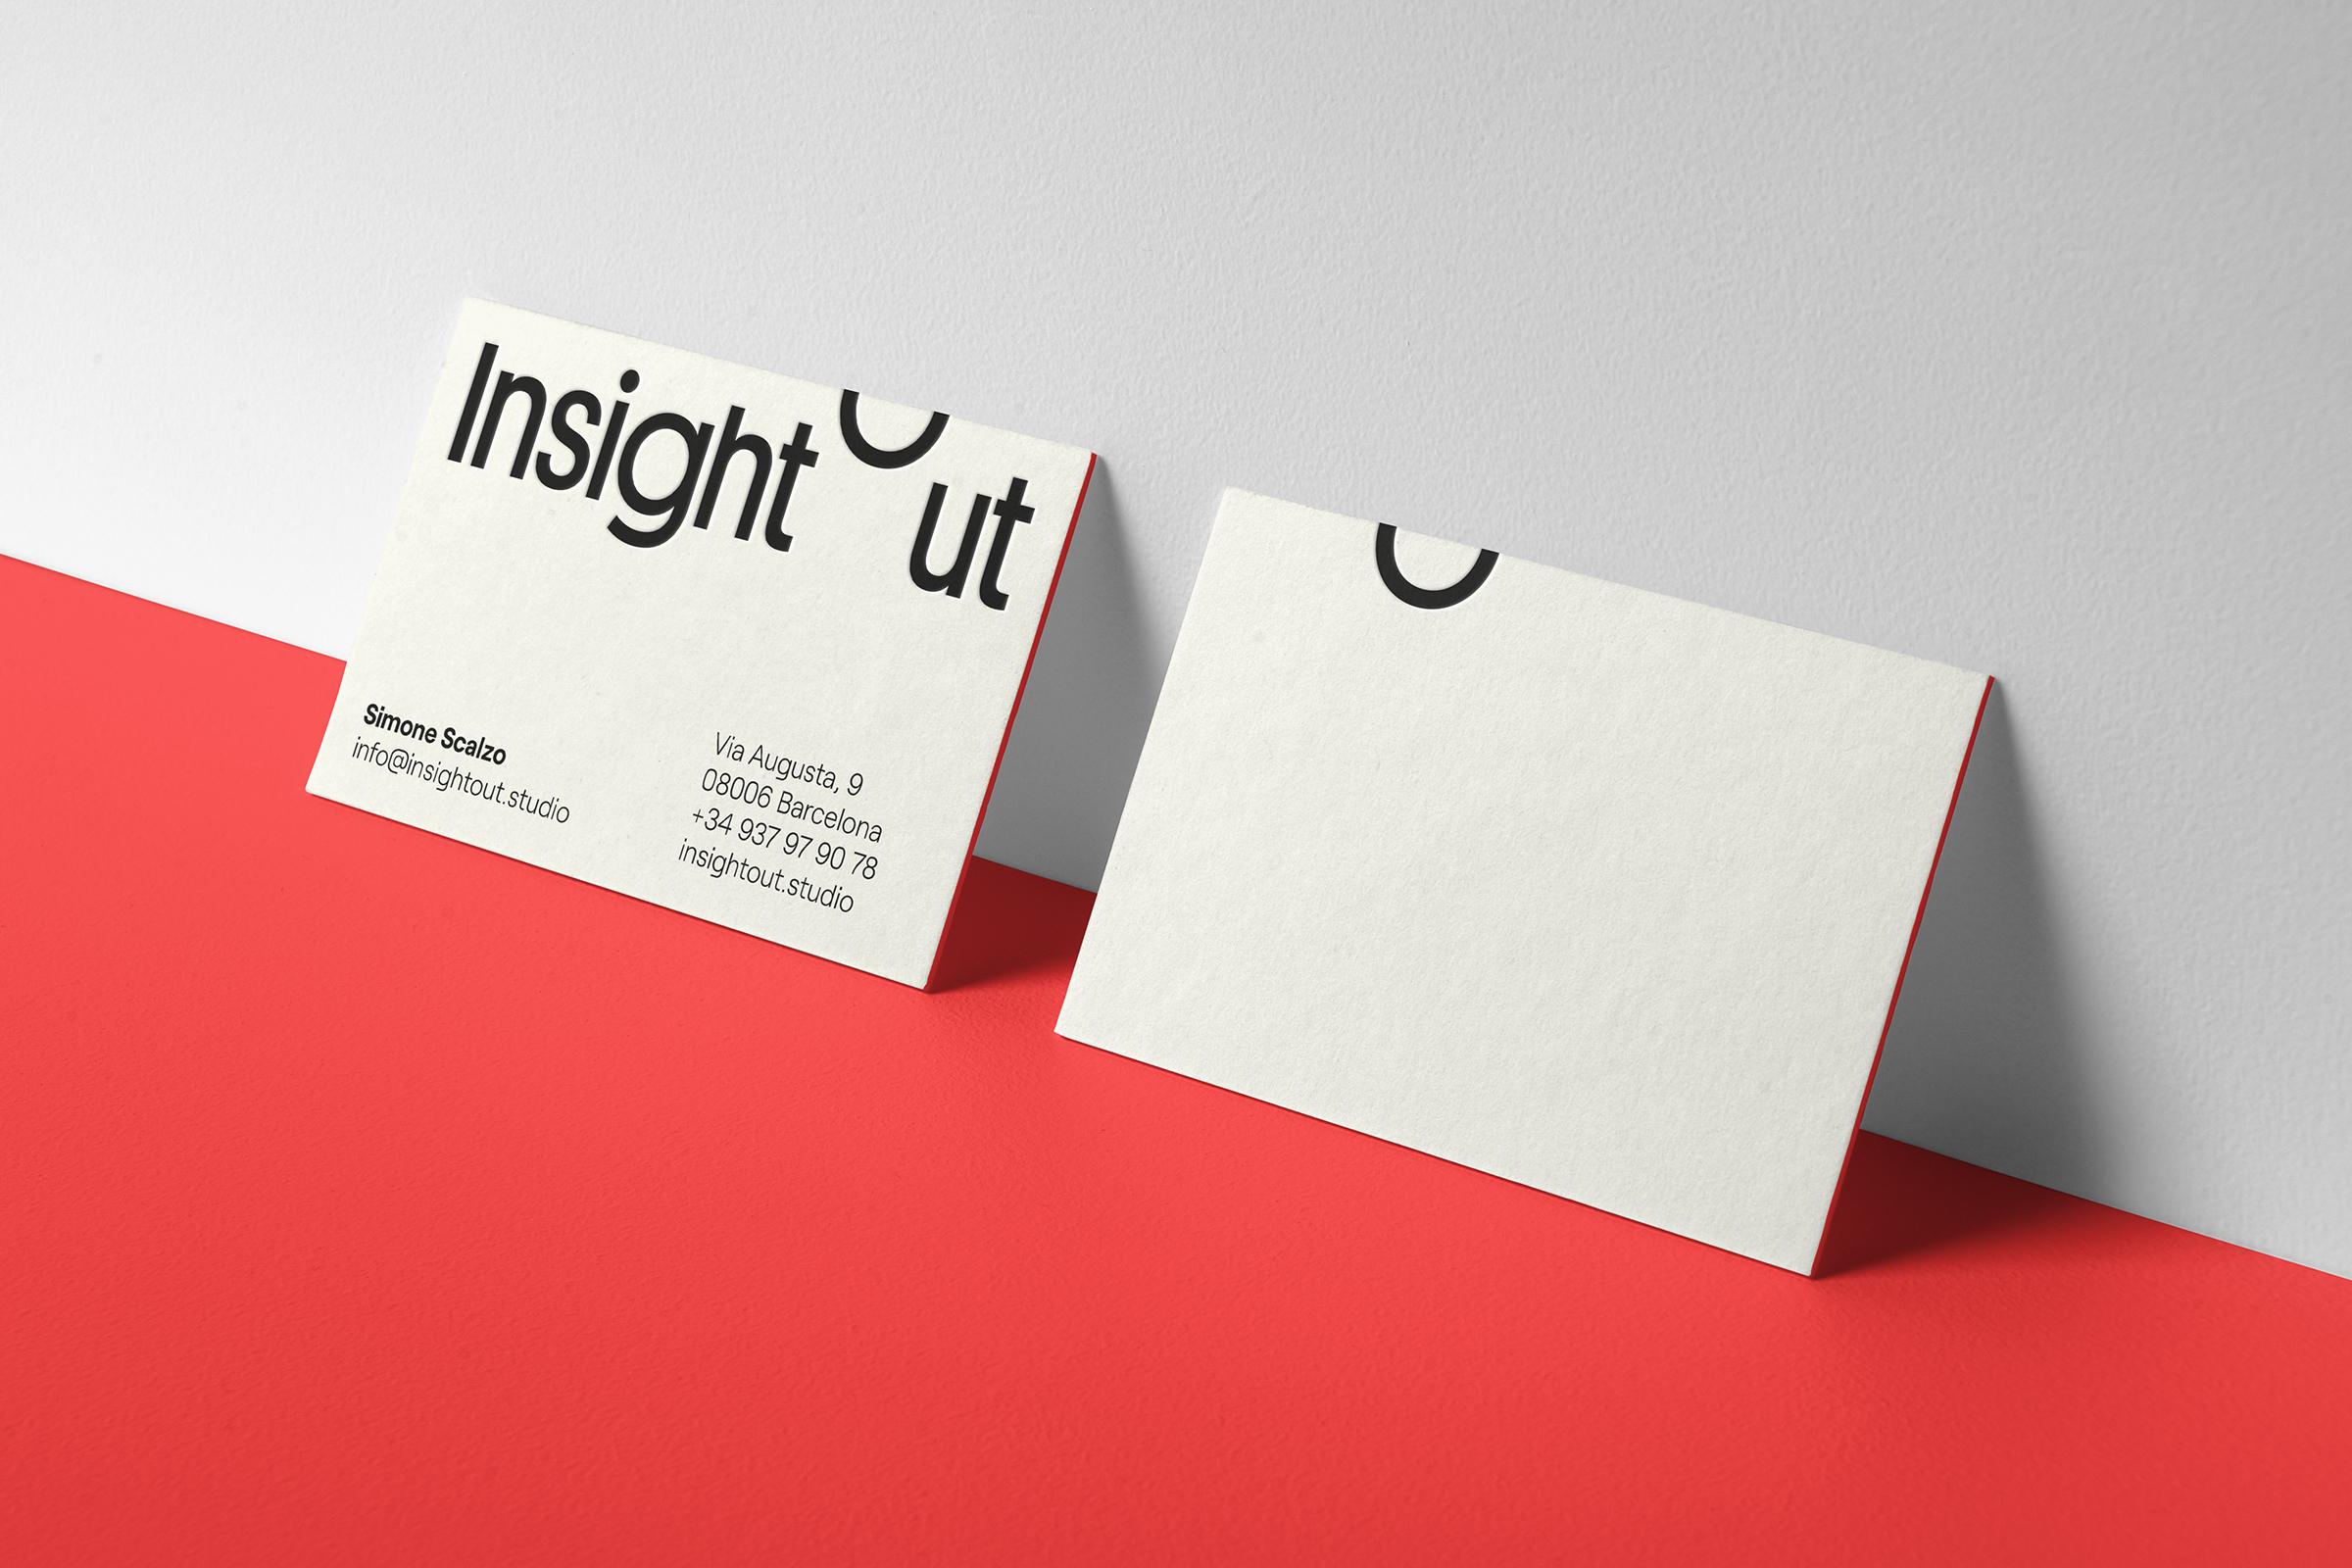 InsightOut-Tarjetas-2400x1600px